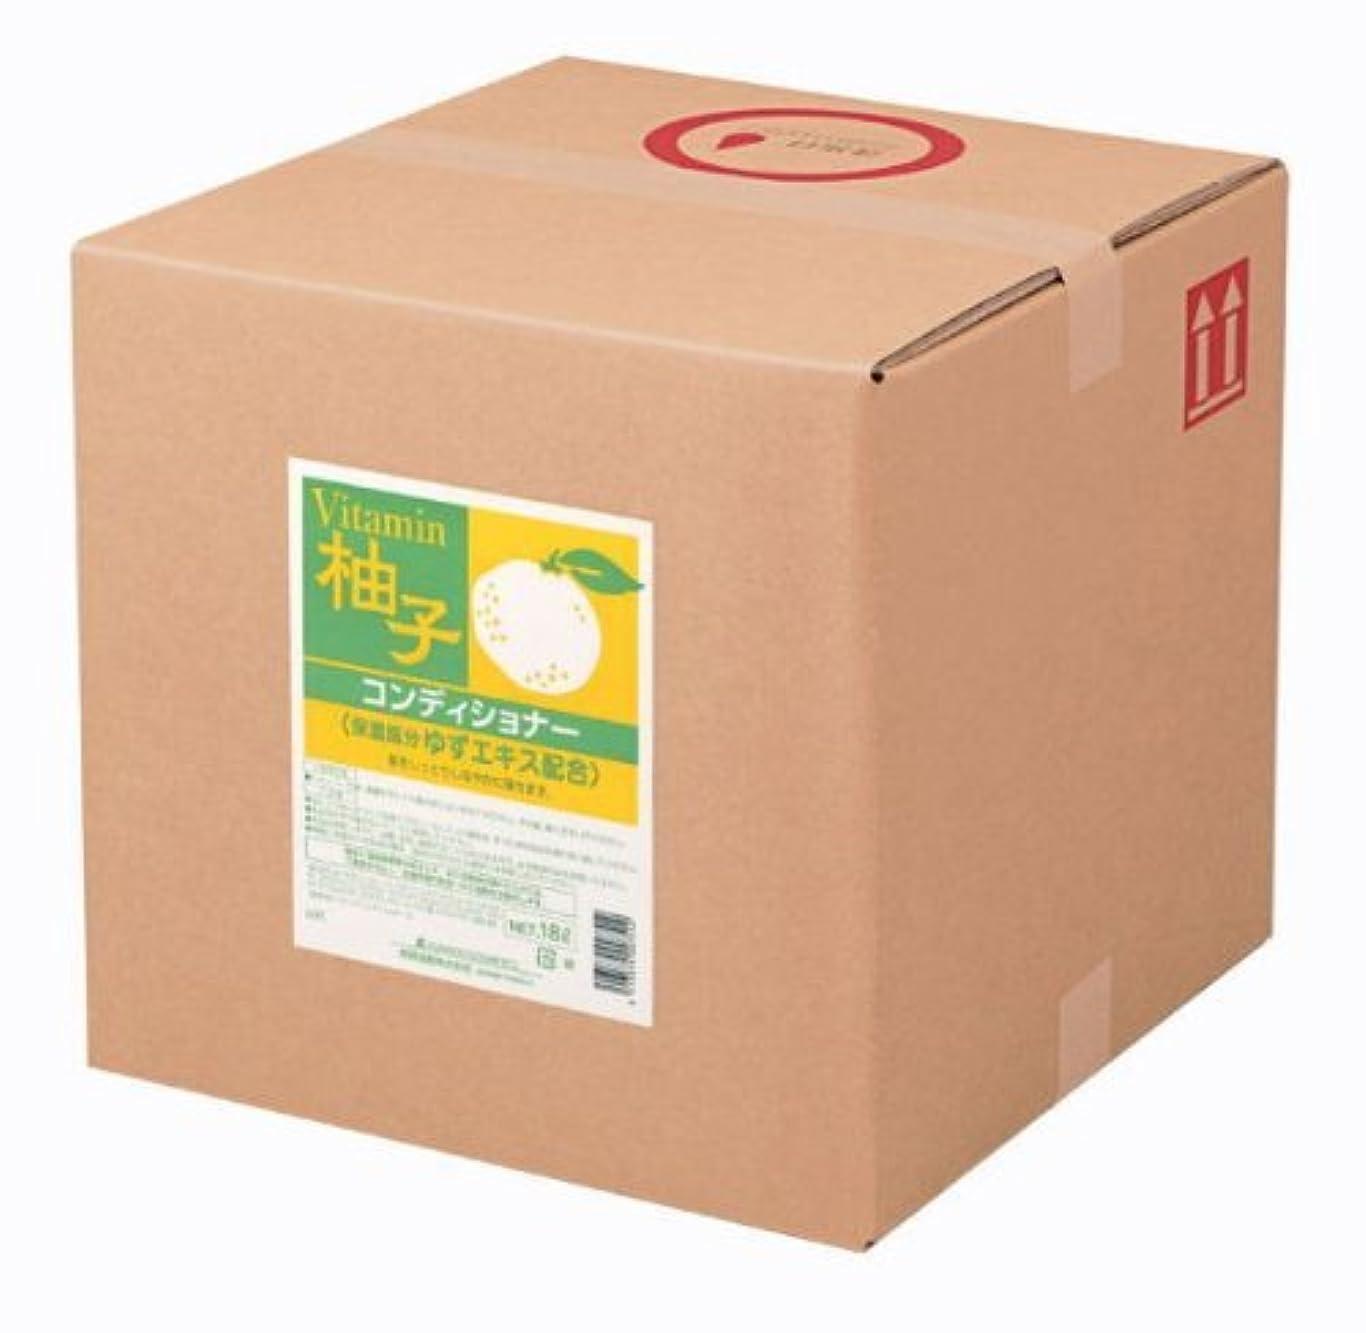 敵化石ブレス熊野油脂 業務用 柚子 コンディショナー 18L